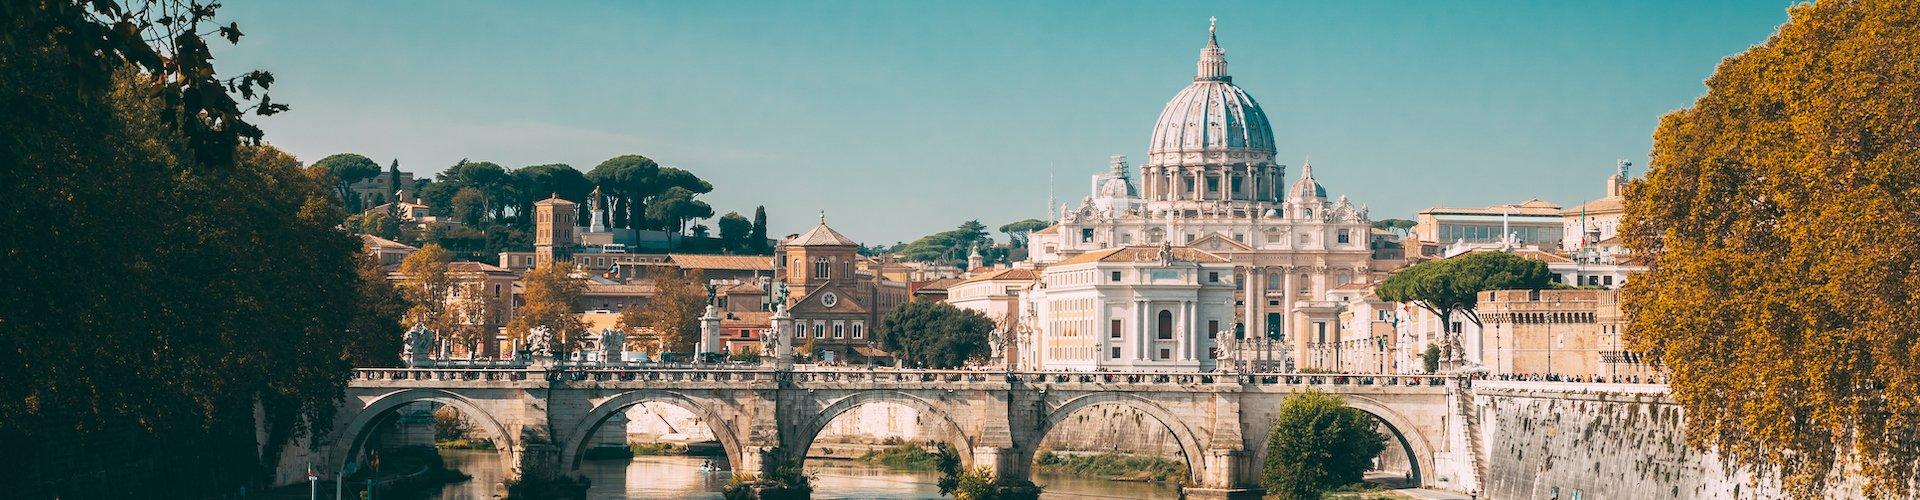 Ausflugsziel Rom